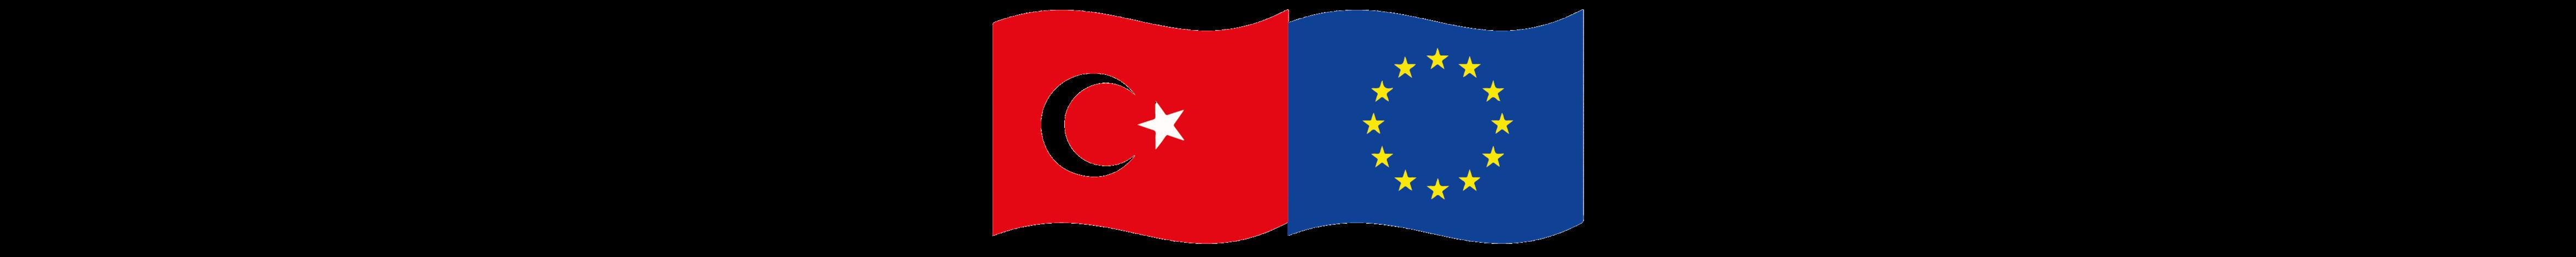 Avrupagenis